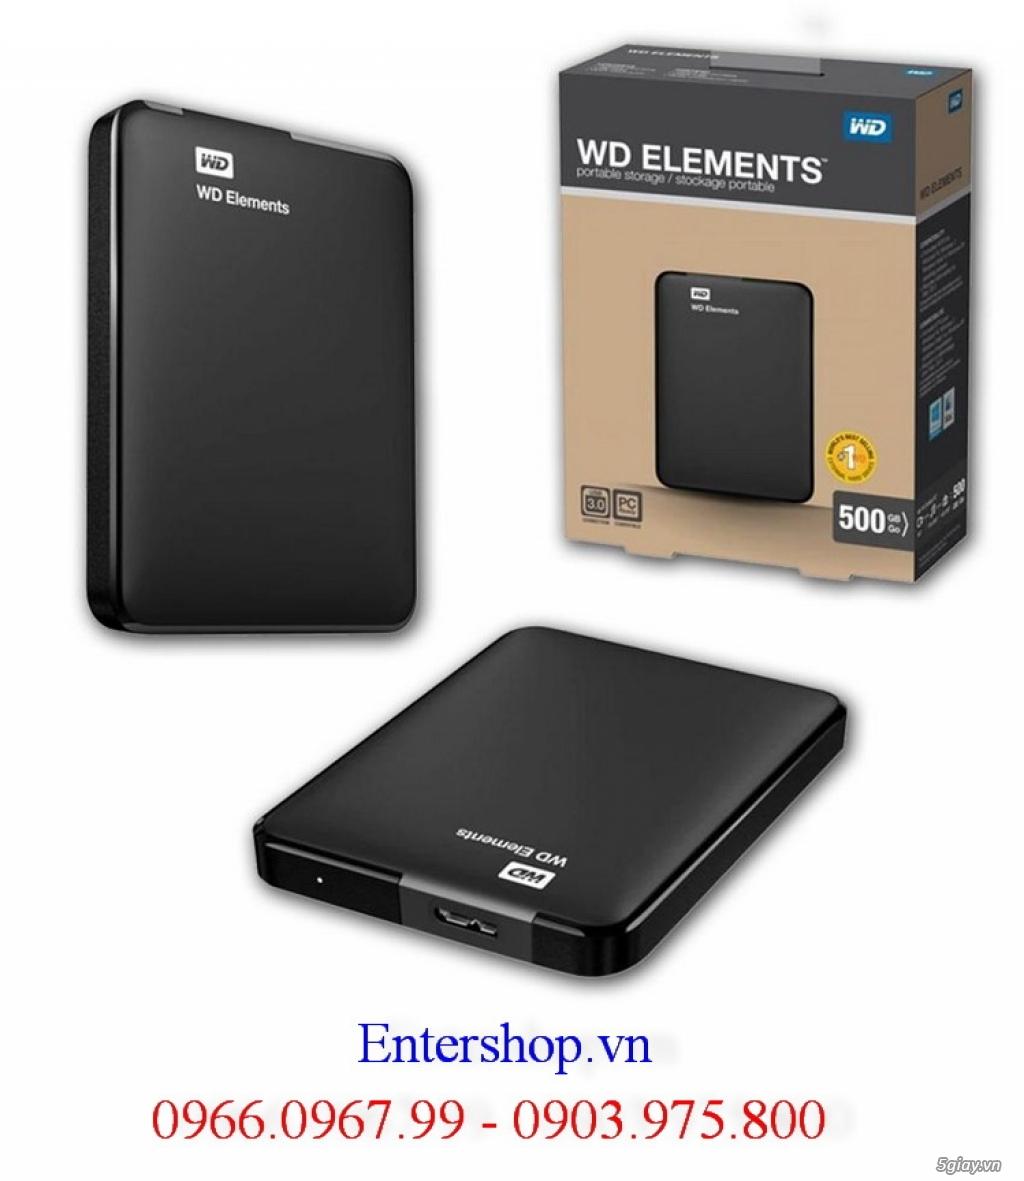 [Entershop] chuyên thẻ nhớ, usb, ổ cứng di động 500gb , 1000gb, 2T, 4T - 2